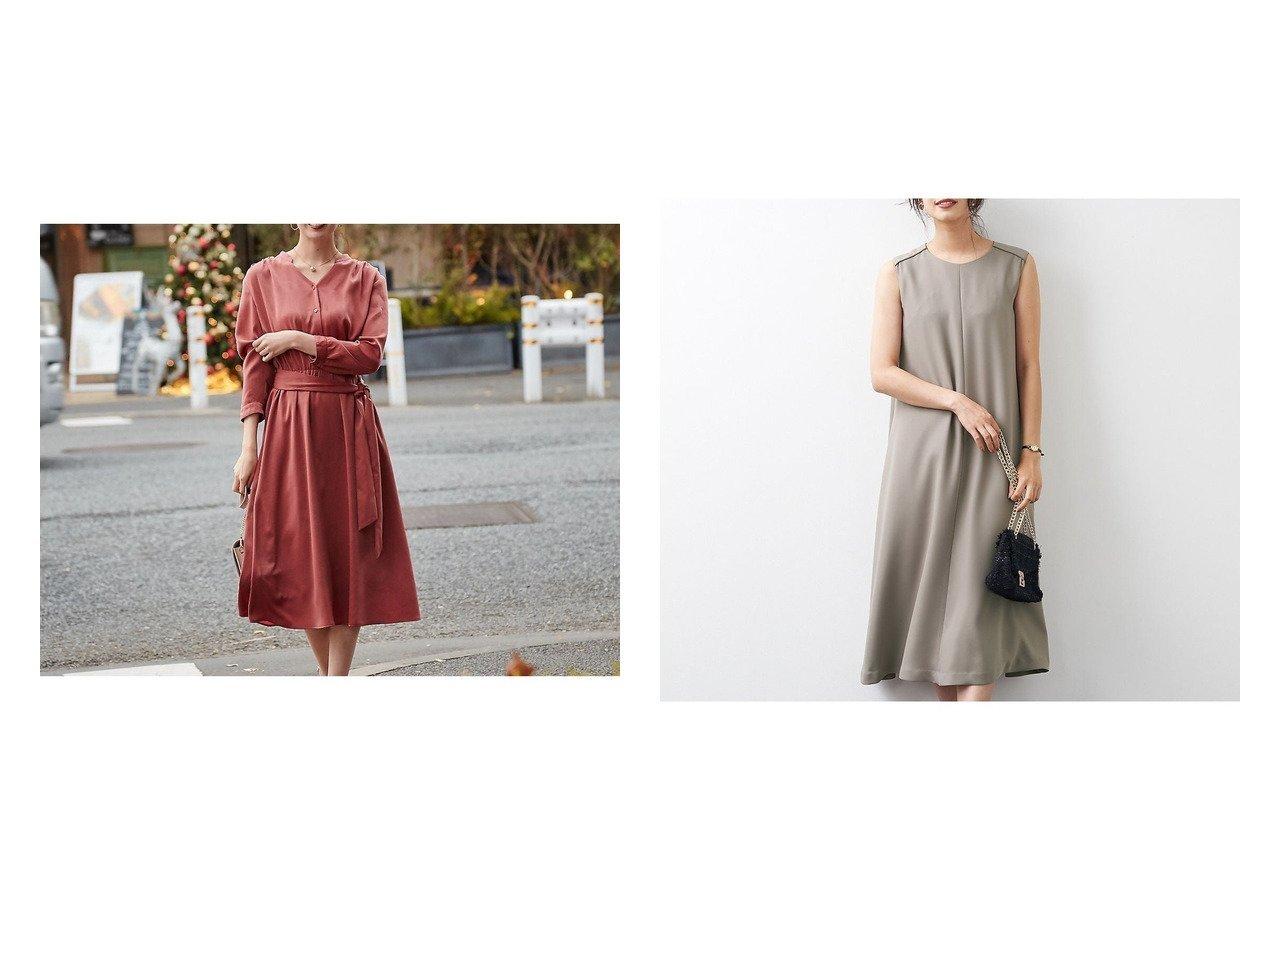 【Rouge vif la cle/ルージュヴィフラクレ】の【新色追加】ベルト付ショルダータックワンピース&Aラインフレアワンピース ワンピース・ドレスのおすすめ!人気、トレンド・レディースファッションの通販 おすすめで人気の流行・トレンド、ファッションの通販商品 メンズファッション・キッズファッション・インテリア・家具・レディースファッション・服の通販 founy(ファニー) https://founy.com/ ファッション Fashion レディースファッション WOMEN ワンピース Dress ベルト Belts A/W 秋冬 AW Autumn/Winter / FW Fall-Winter オケージョン 春 Spring シンプル ジップ フォーマル |ID:crp329100000016180